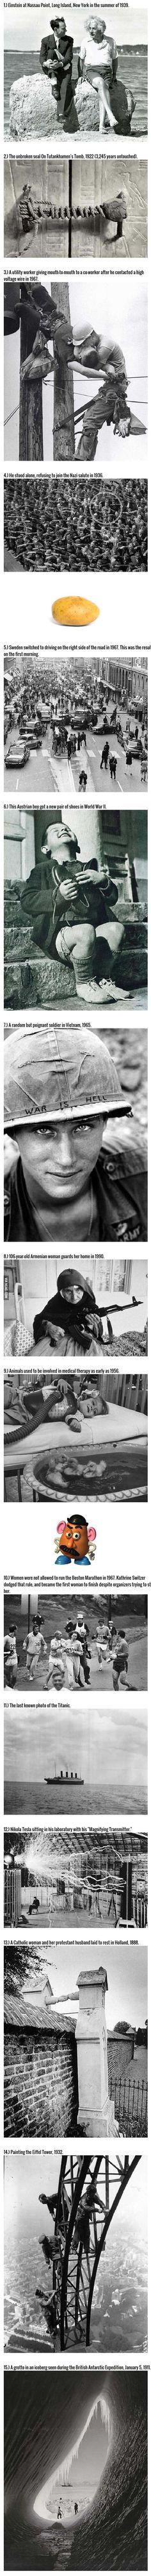 15 Incredible Historical Photos